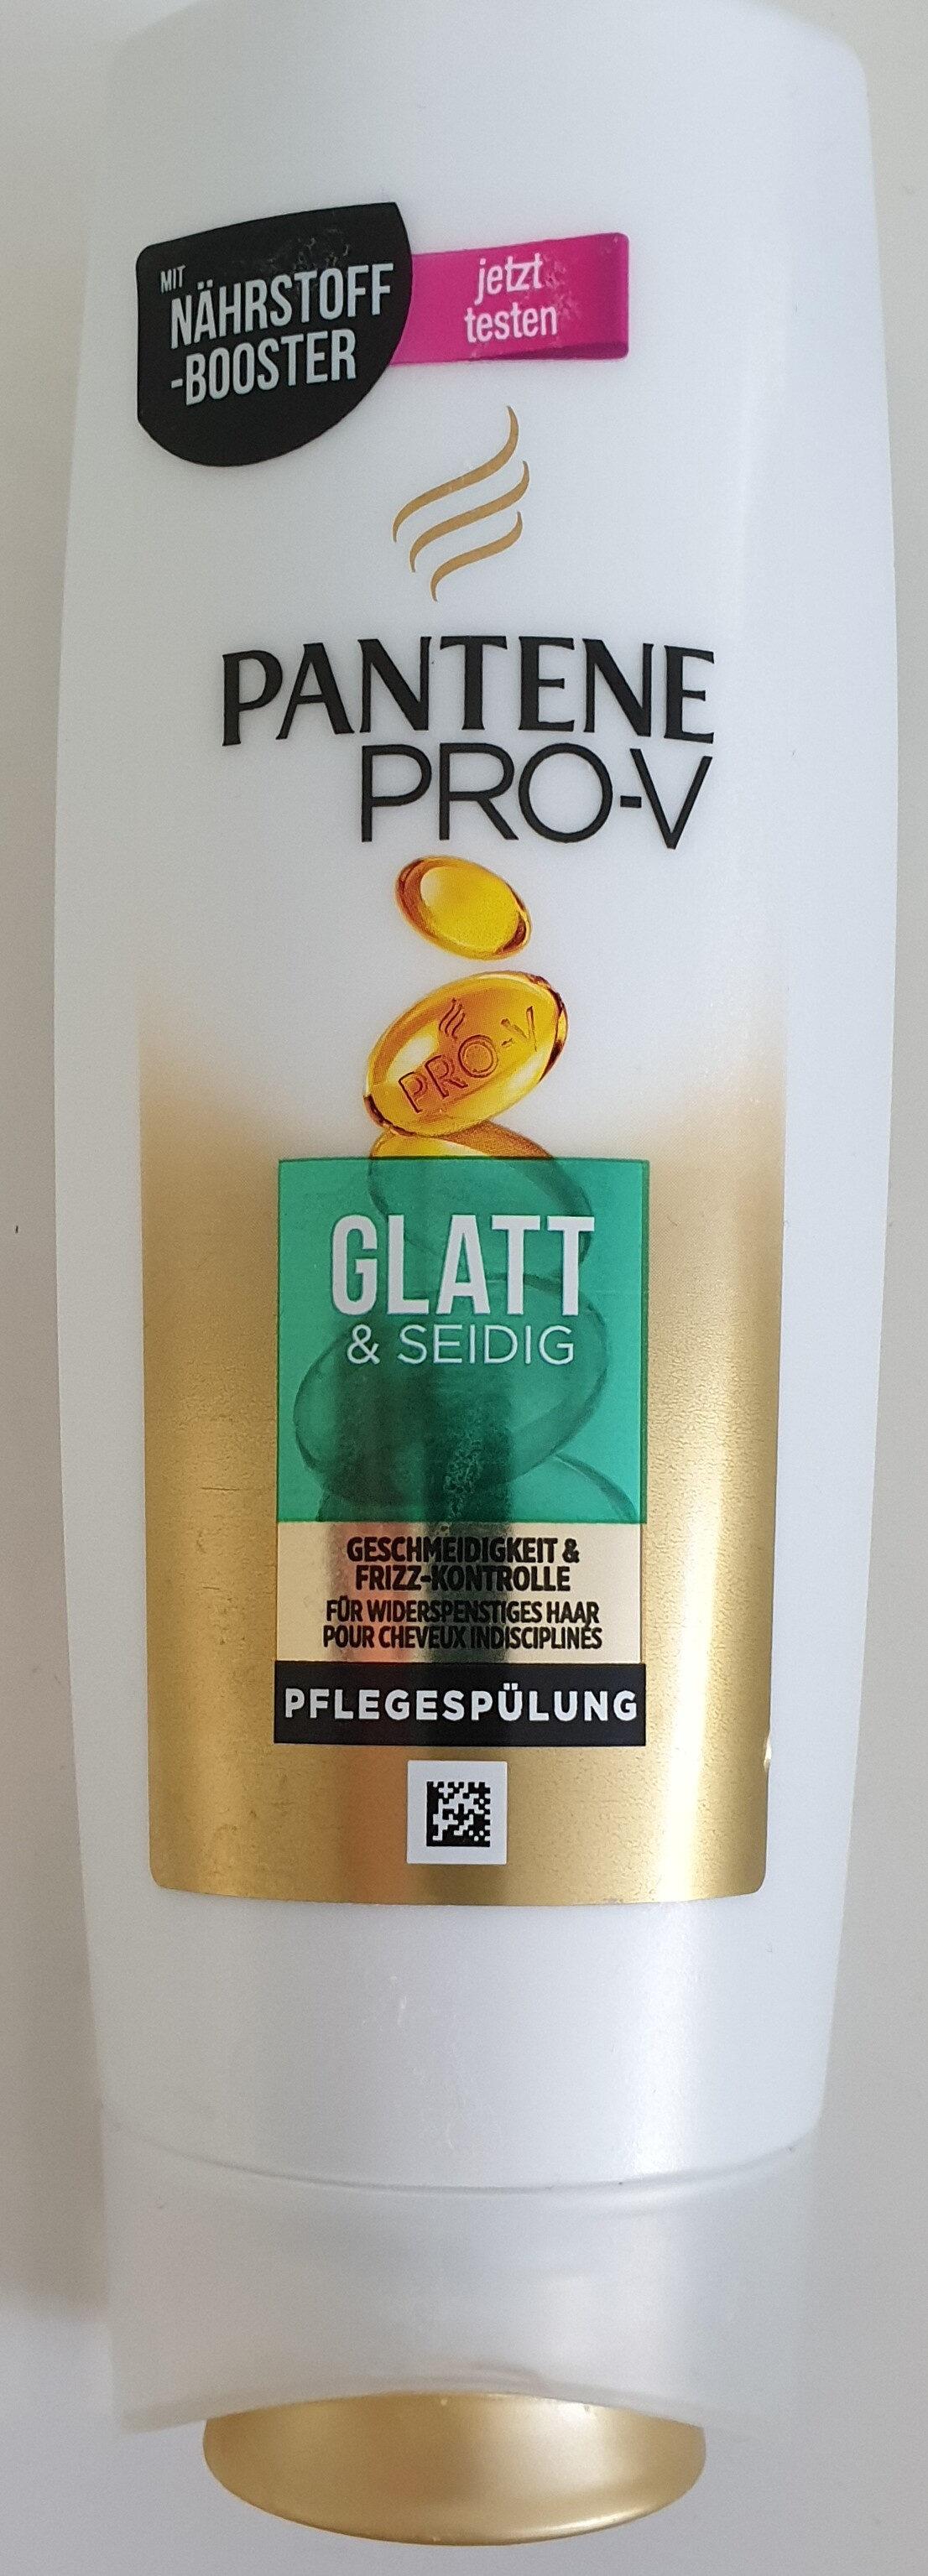 PRO-V Glatt & seidig Pflegespülung - Product - de